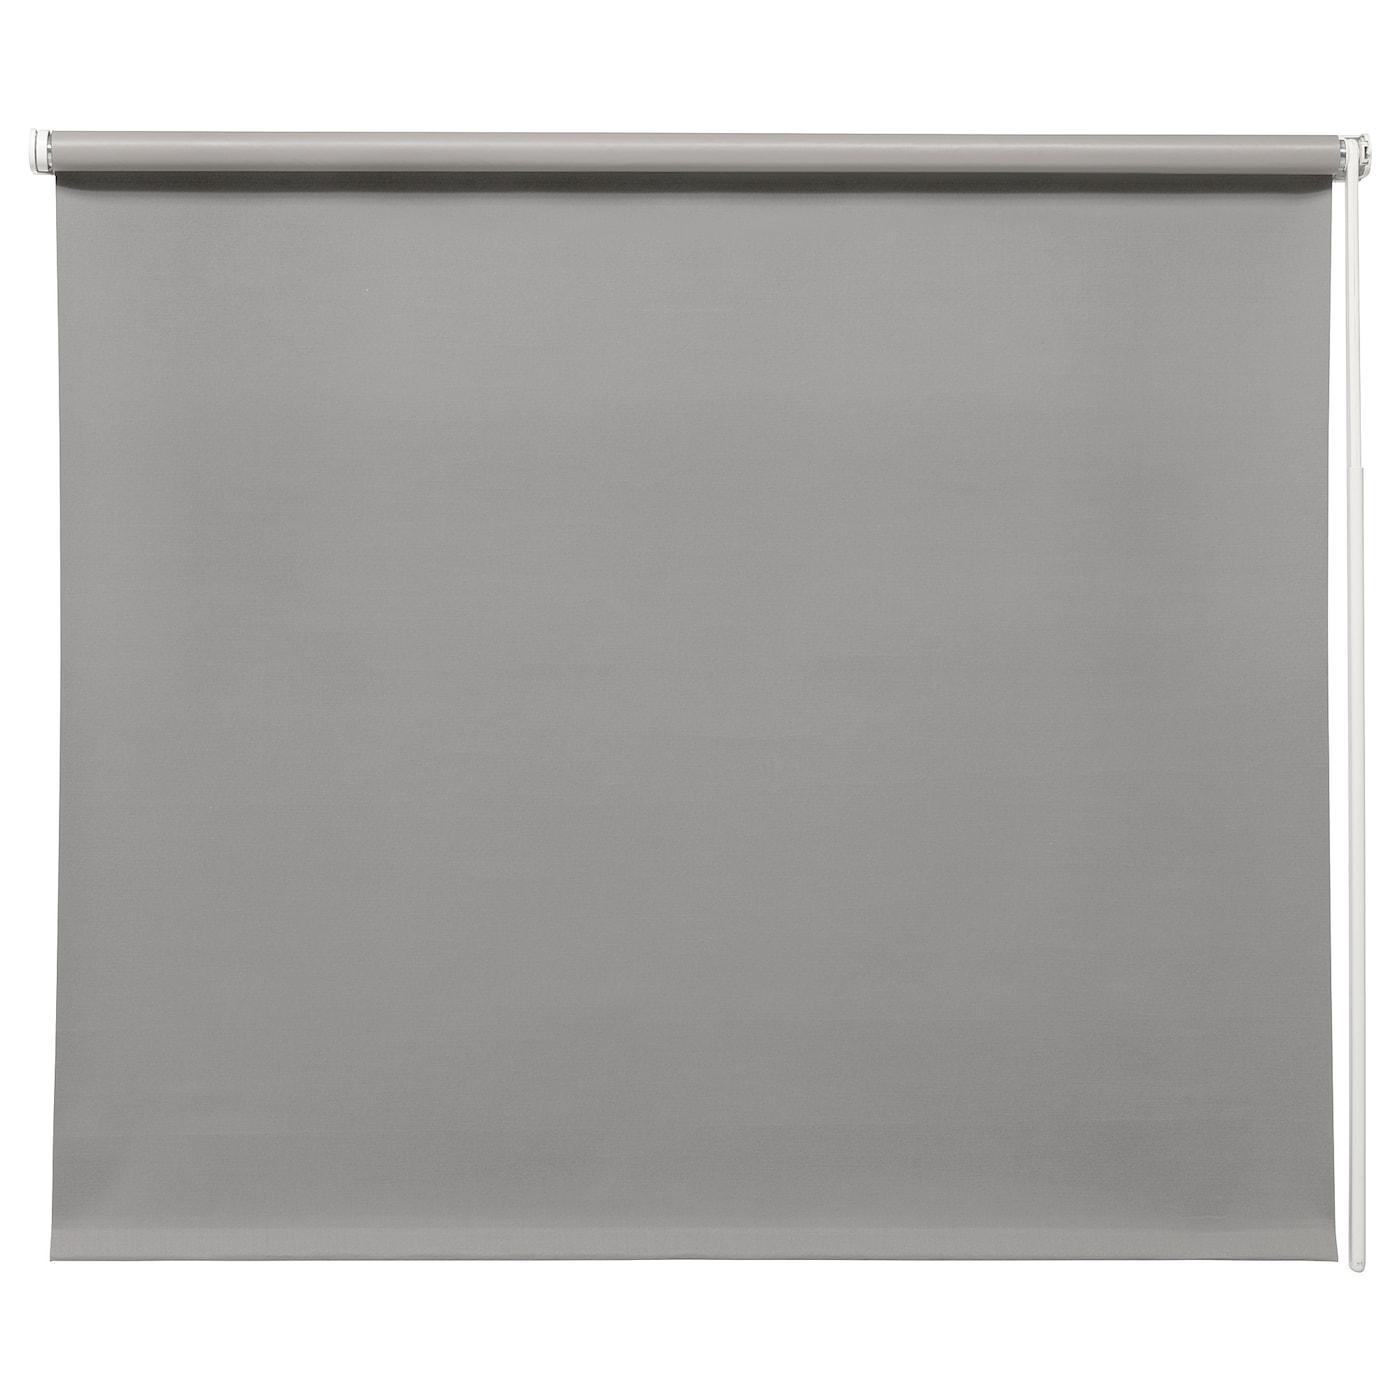 Le tende a rullo oscuranti su misura per interni possono essere installate su qualsiasi finestre di casa, ufficio, vetrine negozi, tende a rullo night and day con doppio tessuto per giorno e notte oscuranti e filtranti, tende a rullo oscuranti su misura per grandi vetrate di grandi dimensioni, tende a rullo oscuranti su misura per ufficio, per mansarda e per. Tende A Rullo Oscuranti Ikea Svizzera